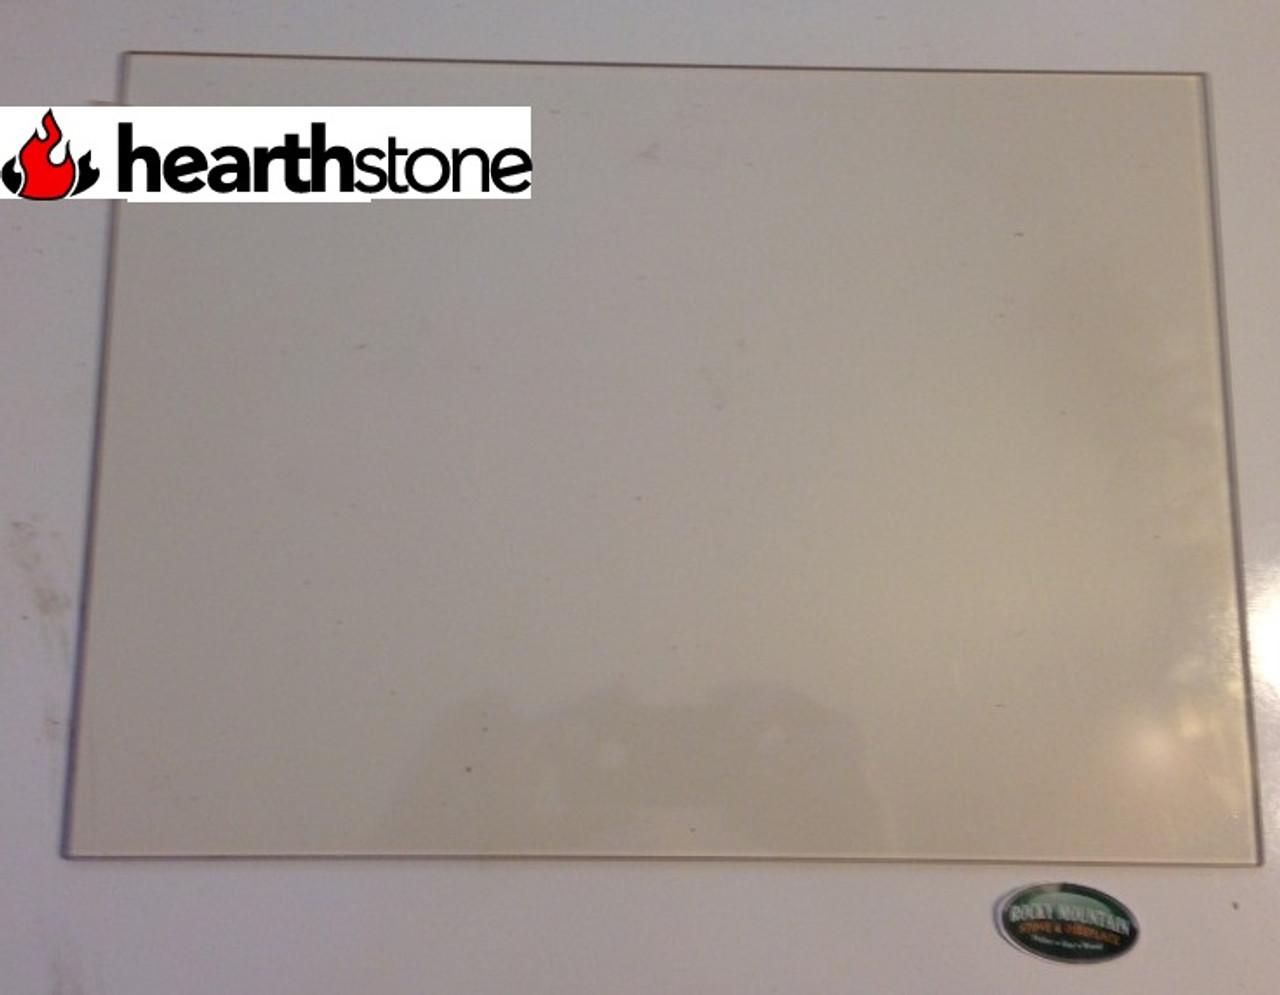 HearthStone Shelburne Glass Kit 93-58705